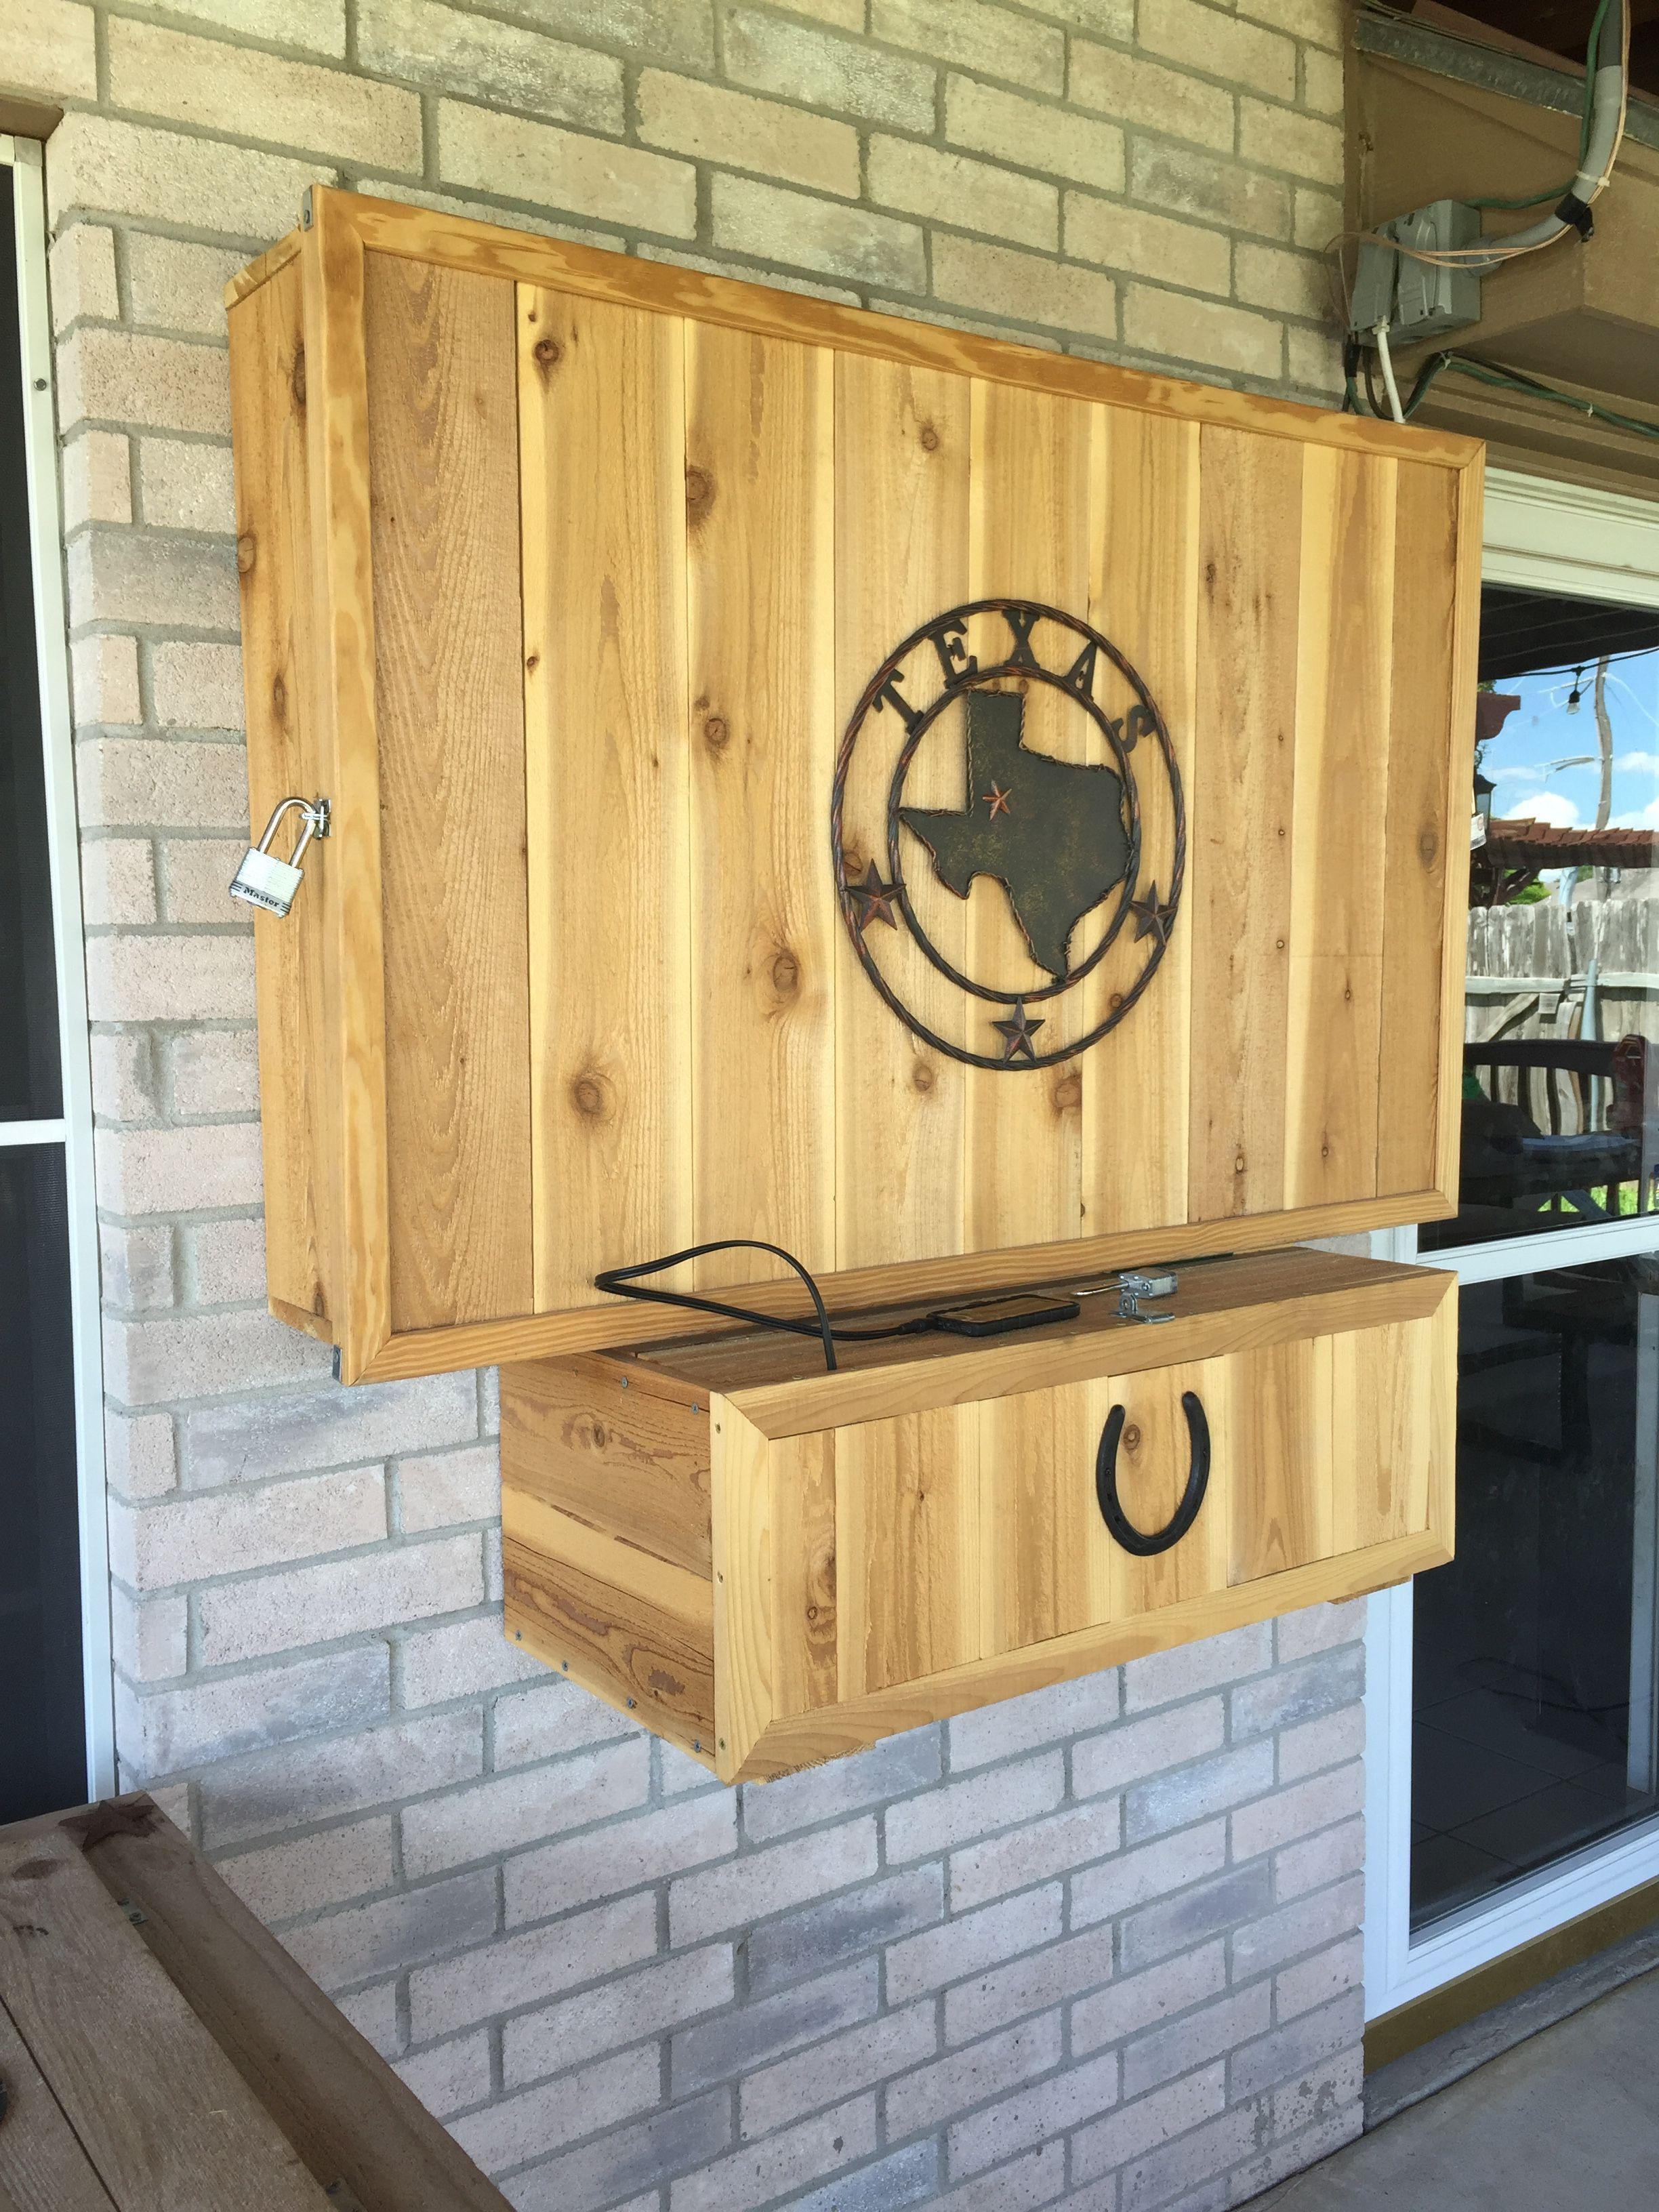 outdoor weatherproof tv cabinet 2020 in 2020 outdoor tv cabinet outdoor tv enclosure patio tv on outdoor kitchen tv id=40570